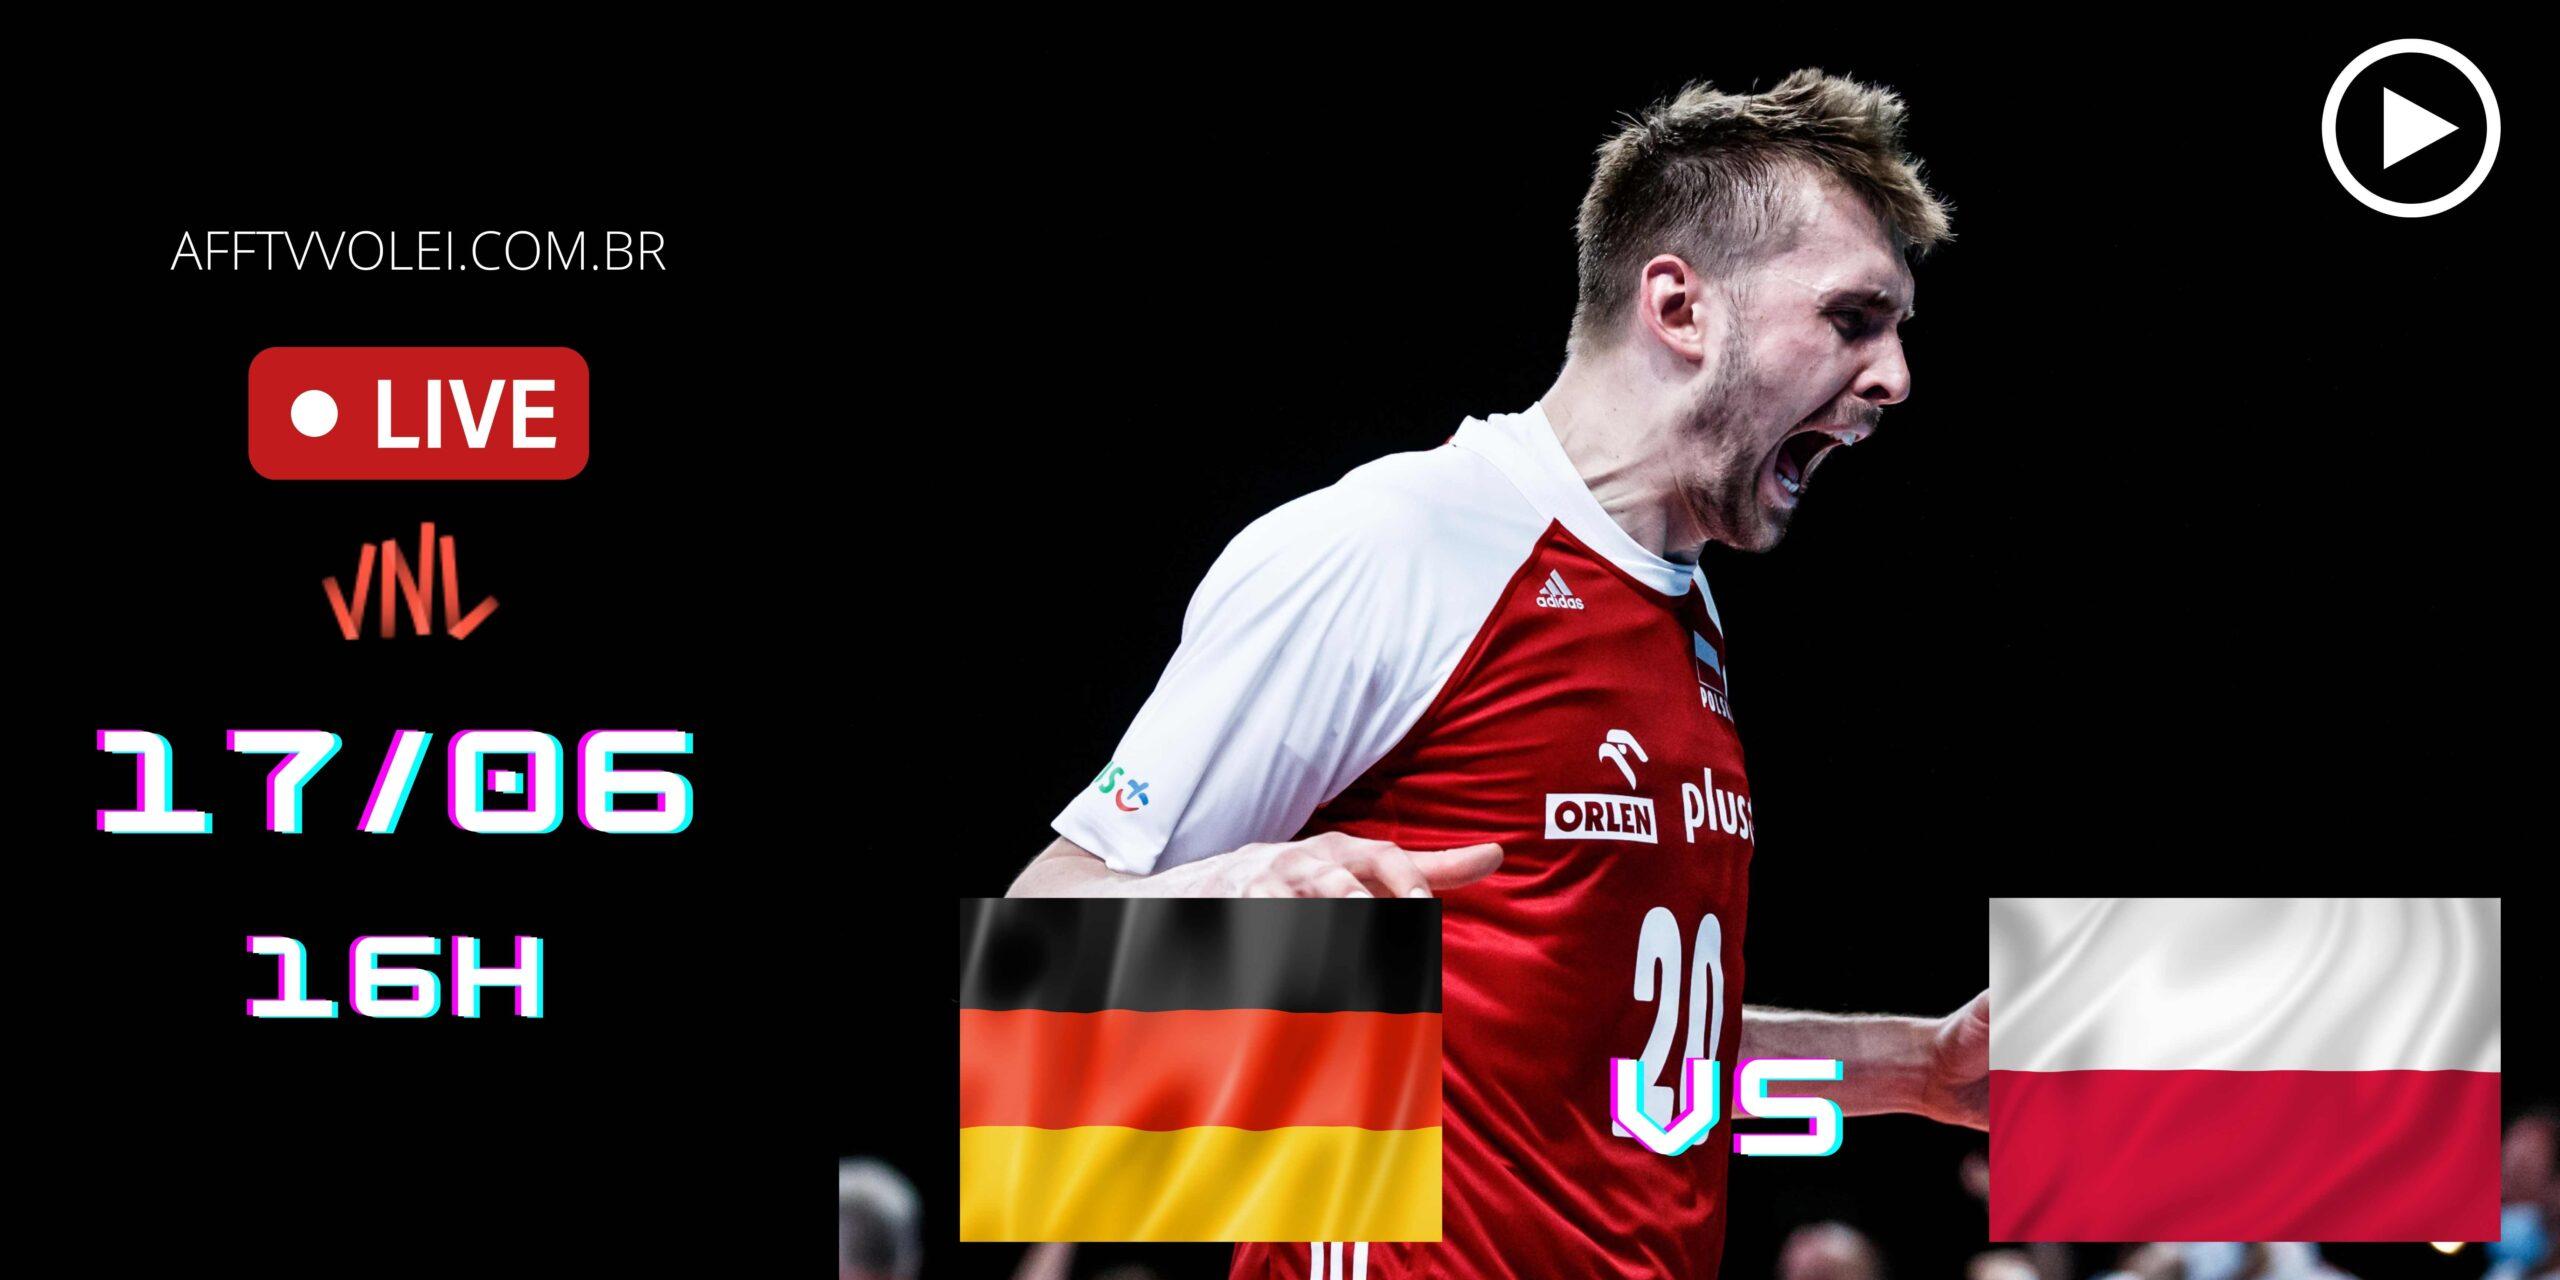 AO VIVO: Alemanha vs Polônia – Liga das Nações – 17/06 – 15h50